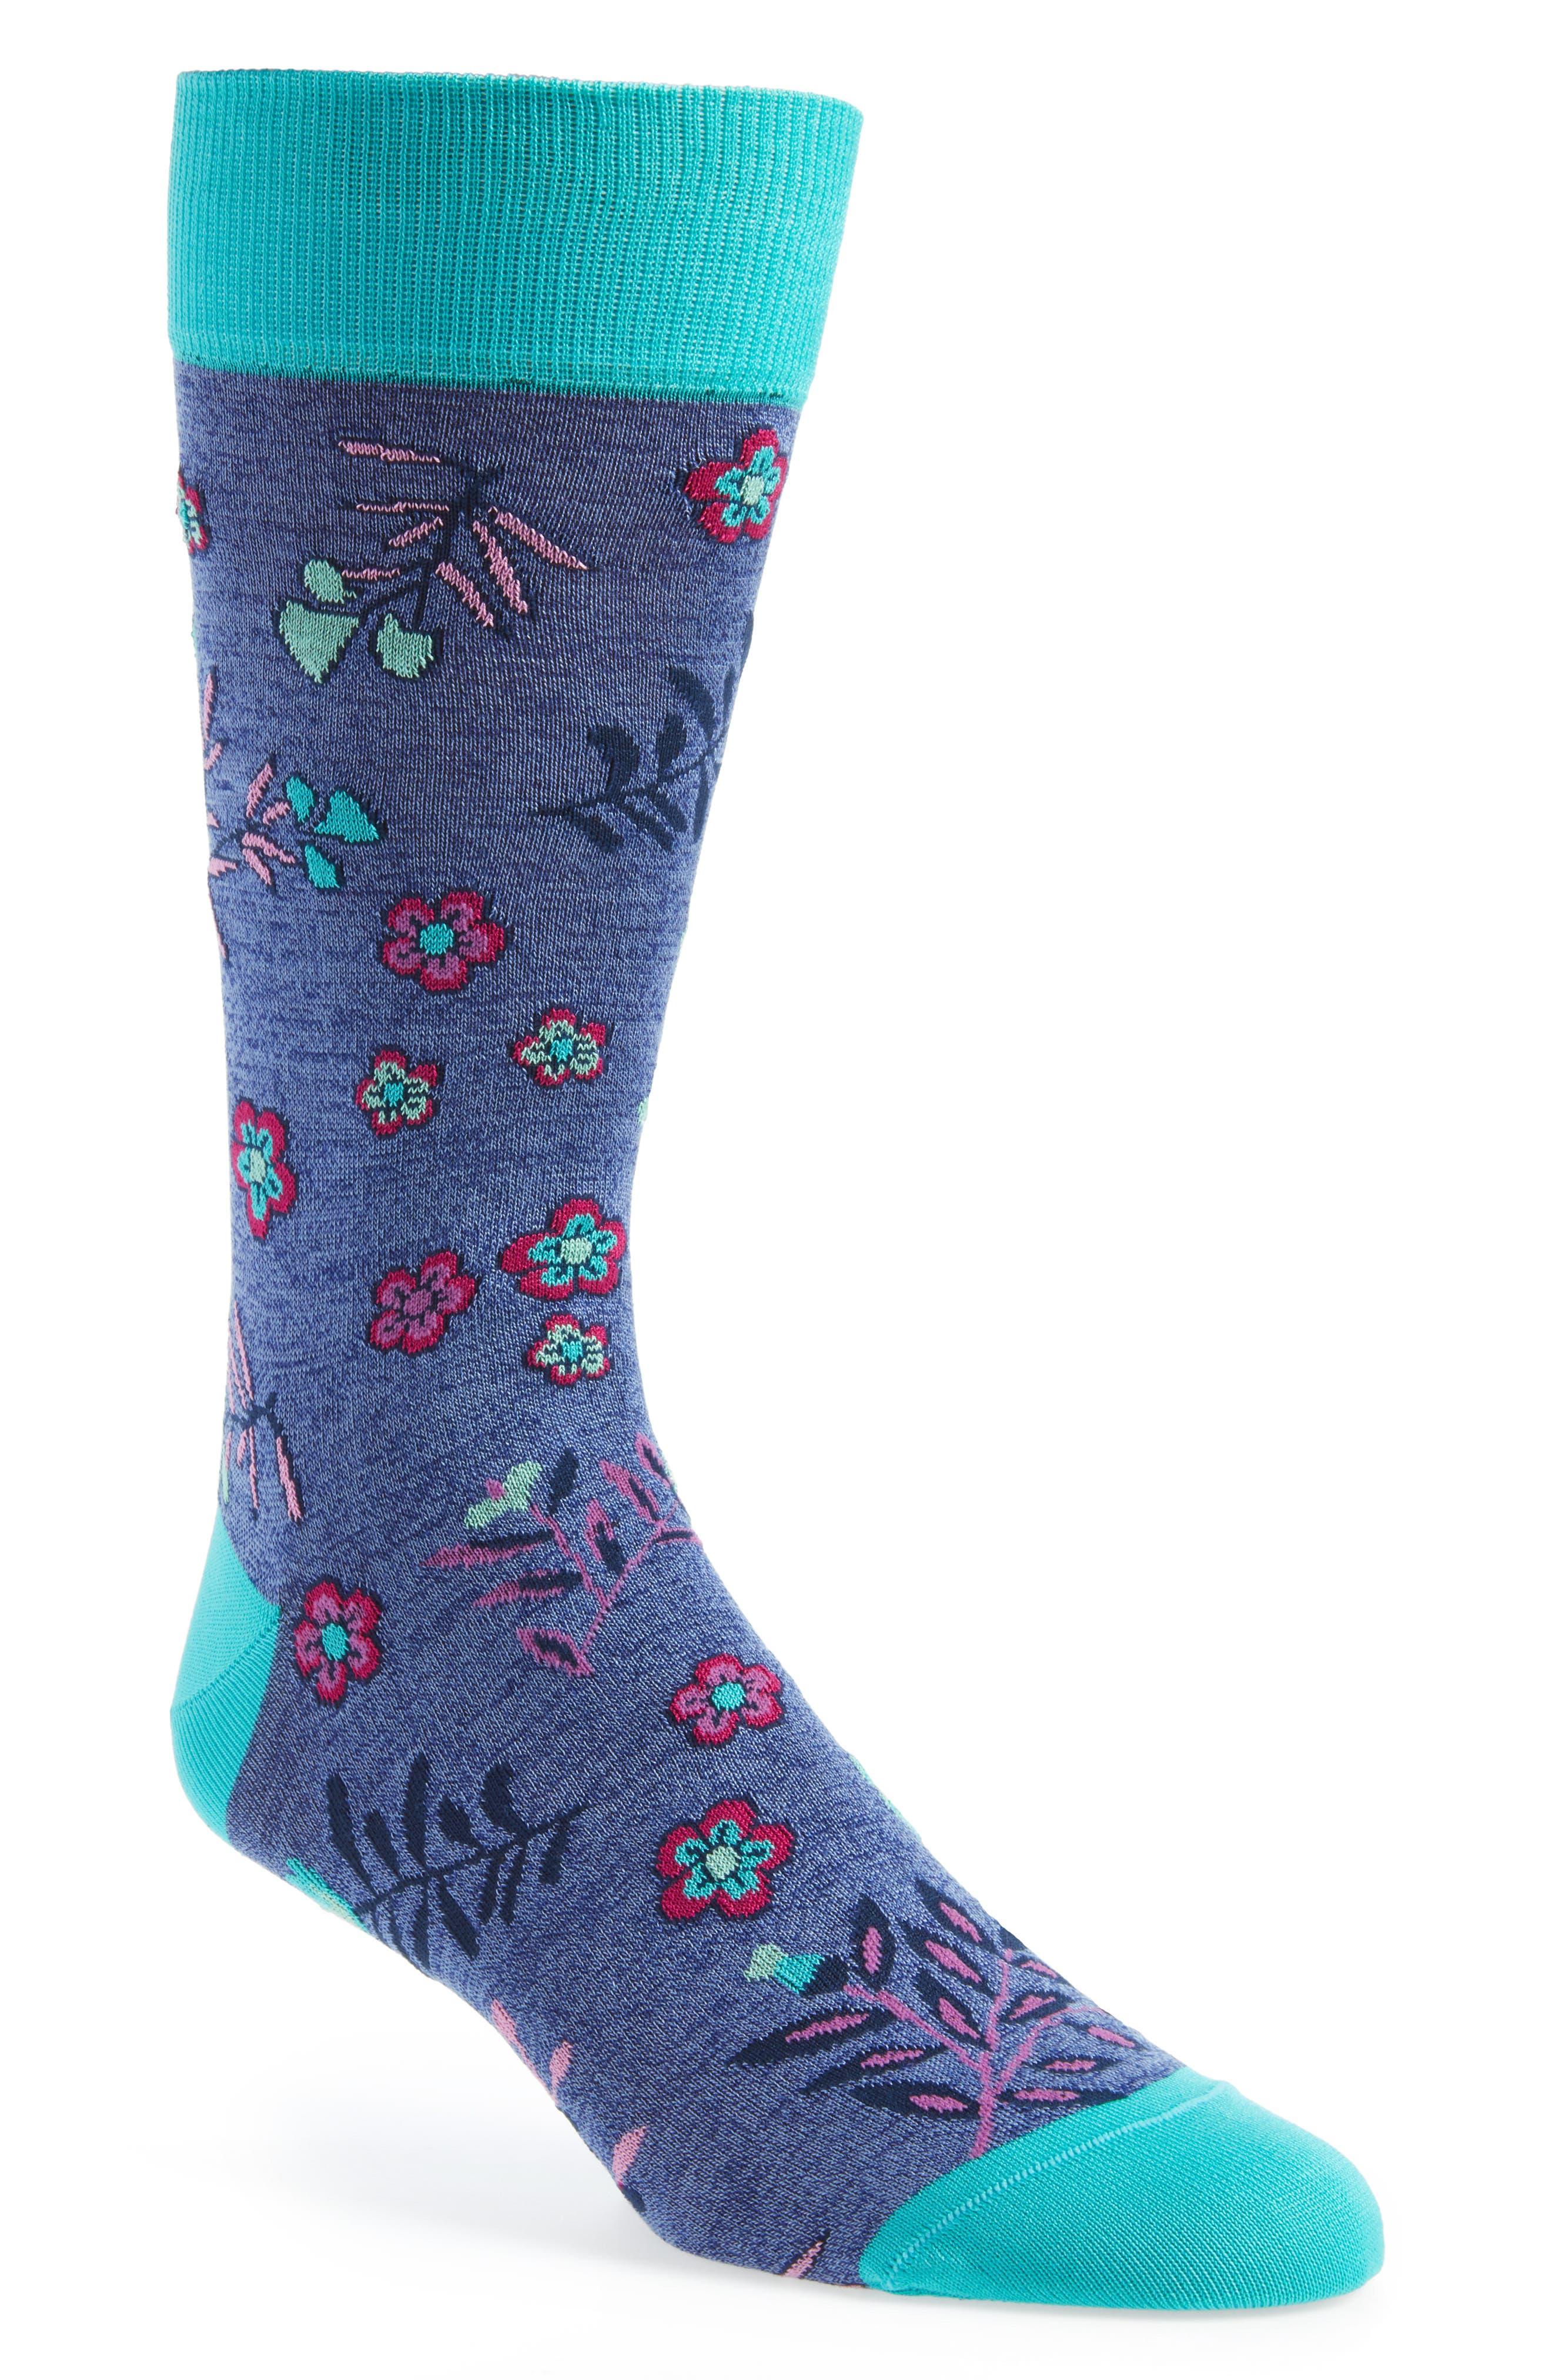 Cotton Blend Socks,                         Main,                         color, Orchid